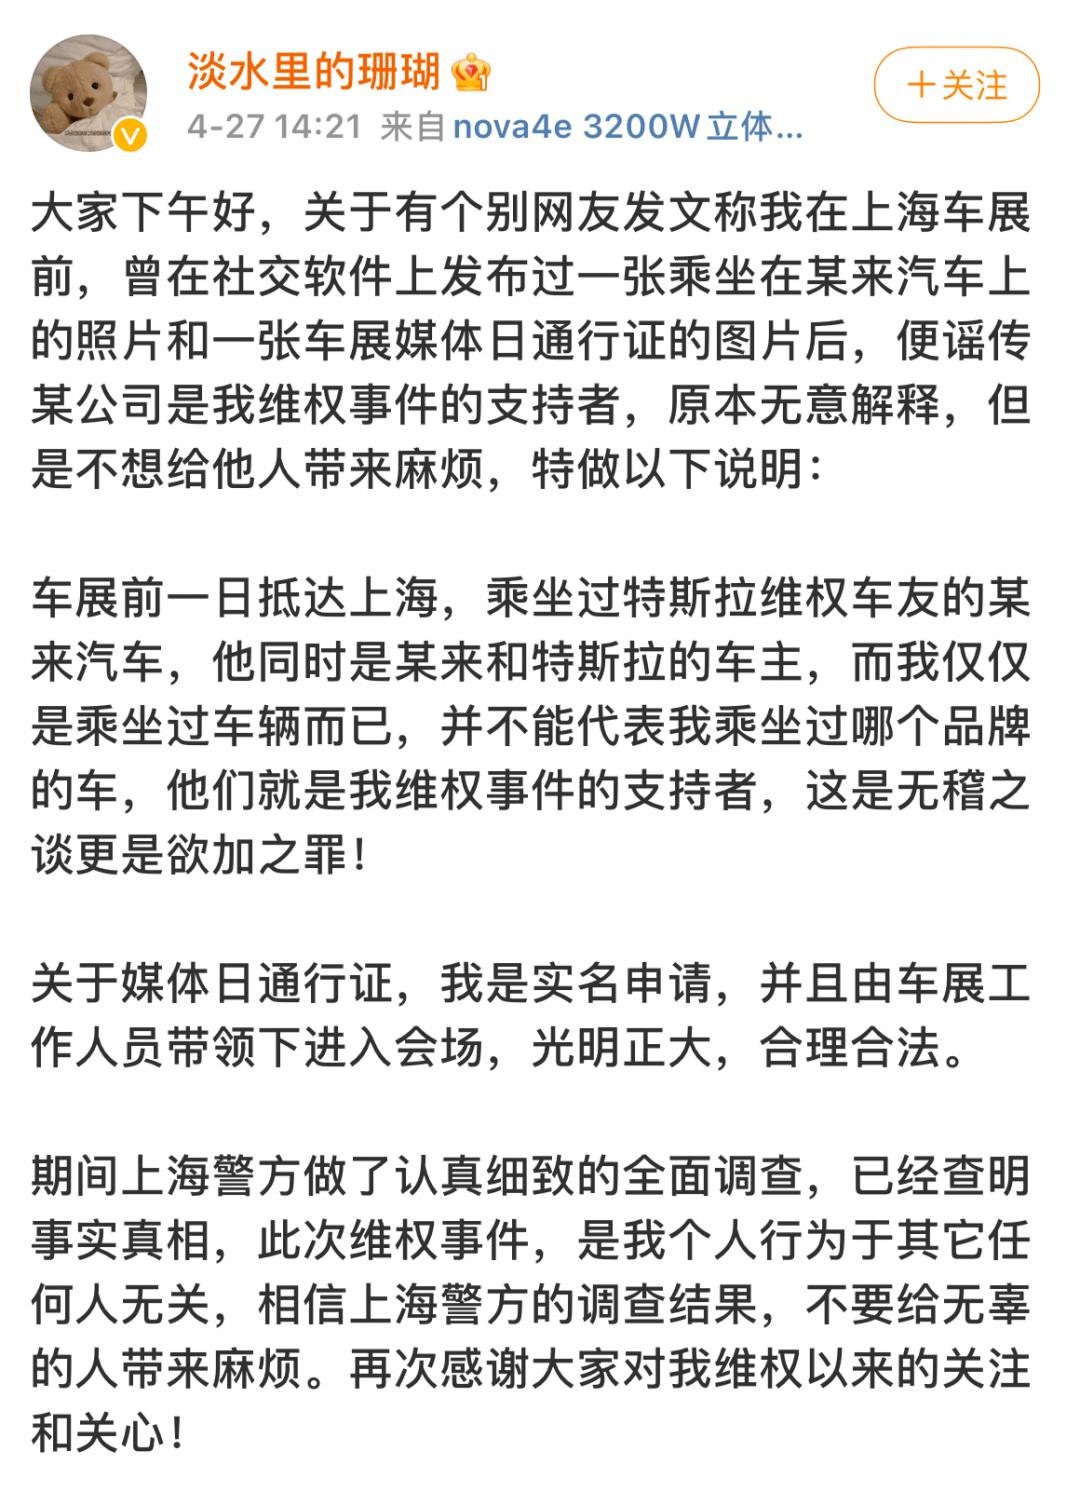 沐鸣3招商-首页【1.1.8】